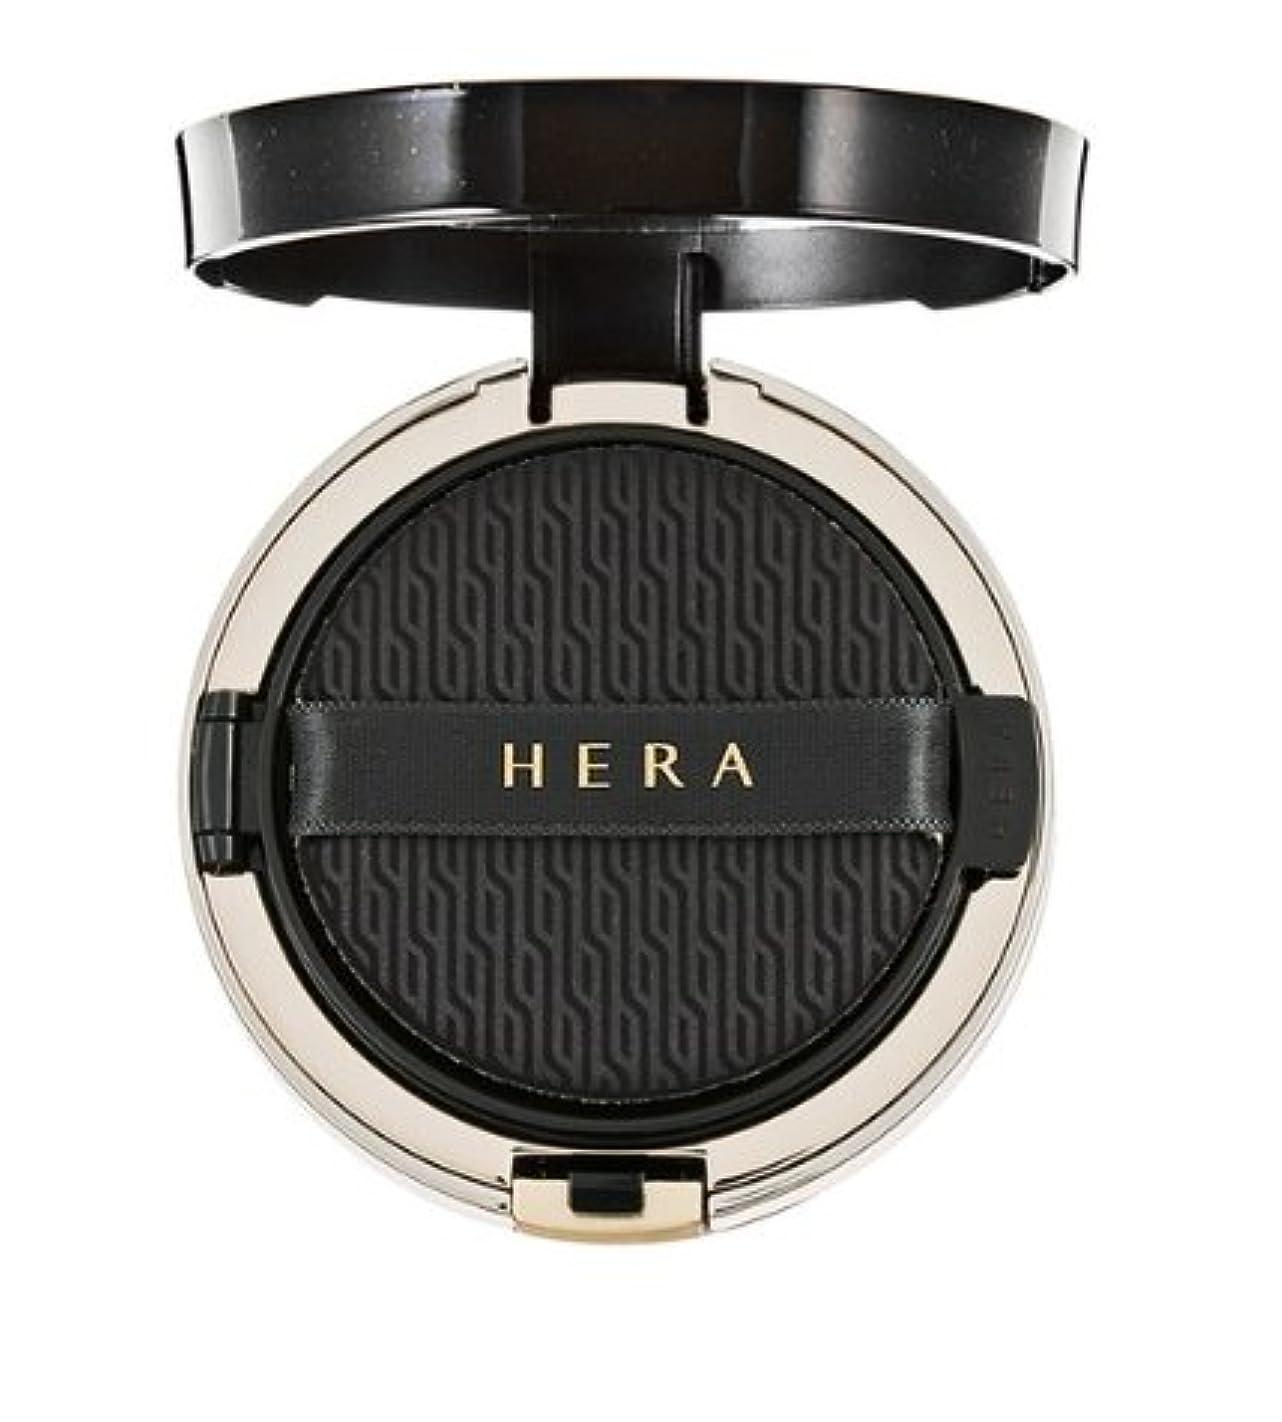 導体トリップウェイター(ヘラ) Hera ブラッククッション SPF34/PA++ 本品15g+リフィール15g / Black Cushion SPF34/PA++ 15g+Refil15g (No.23 Beige) (韓国直発送) shumaman